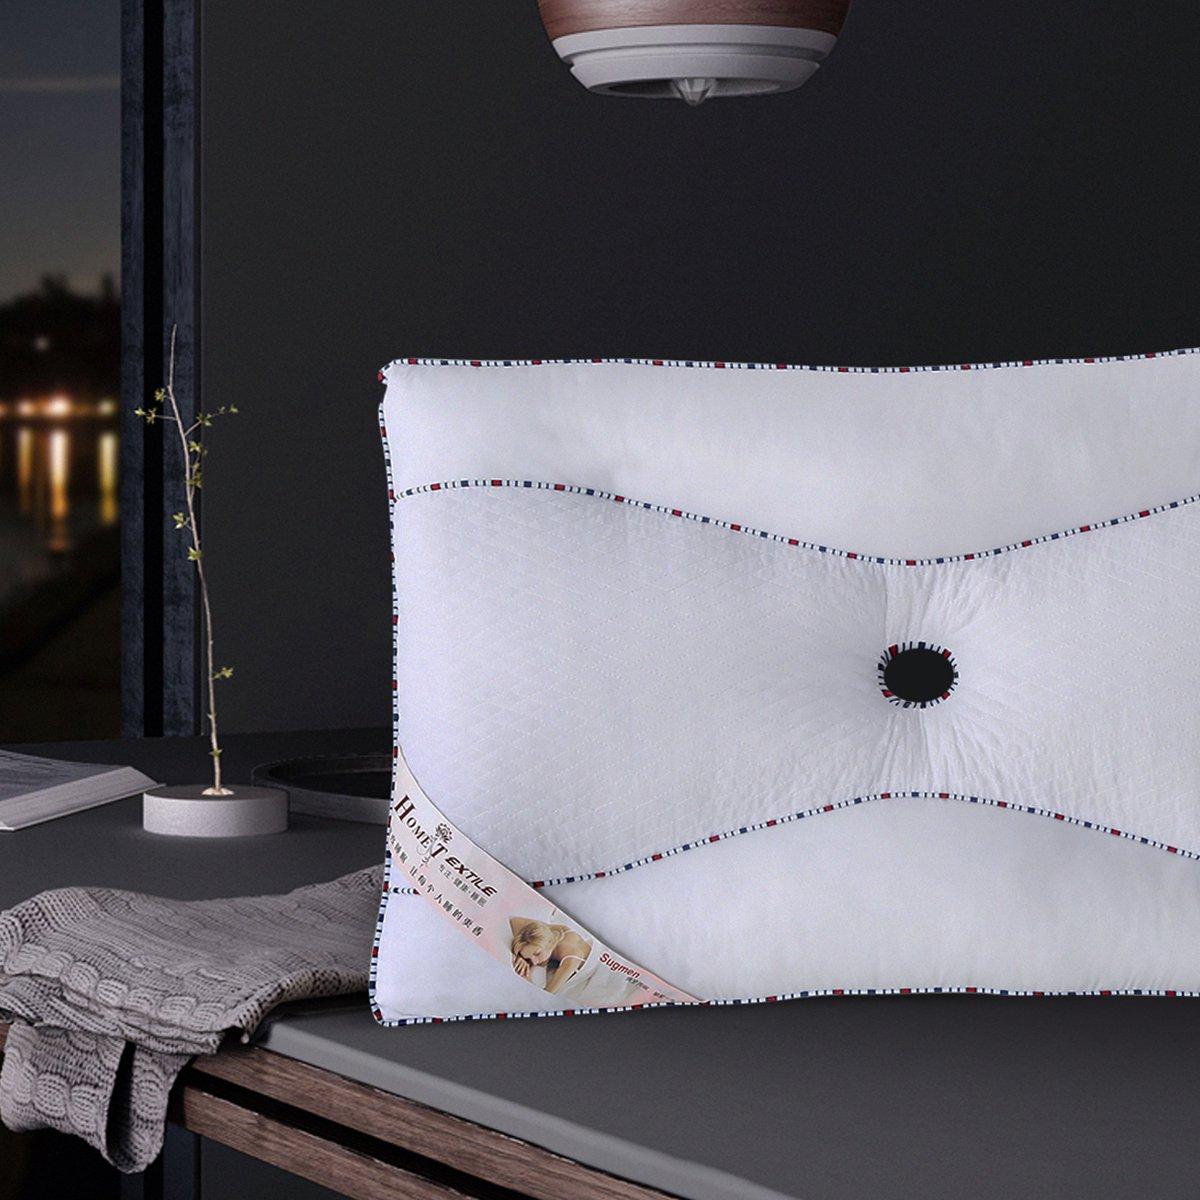 Ramada全棉透气珍珠棉成人护颈椎枕头床上用品学生宿舍枕头芯枕芯枕头COLOR白色